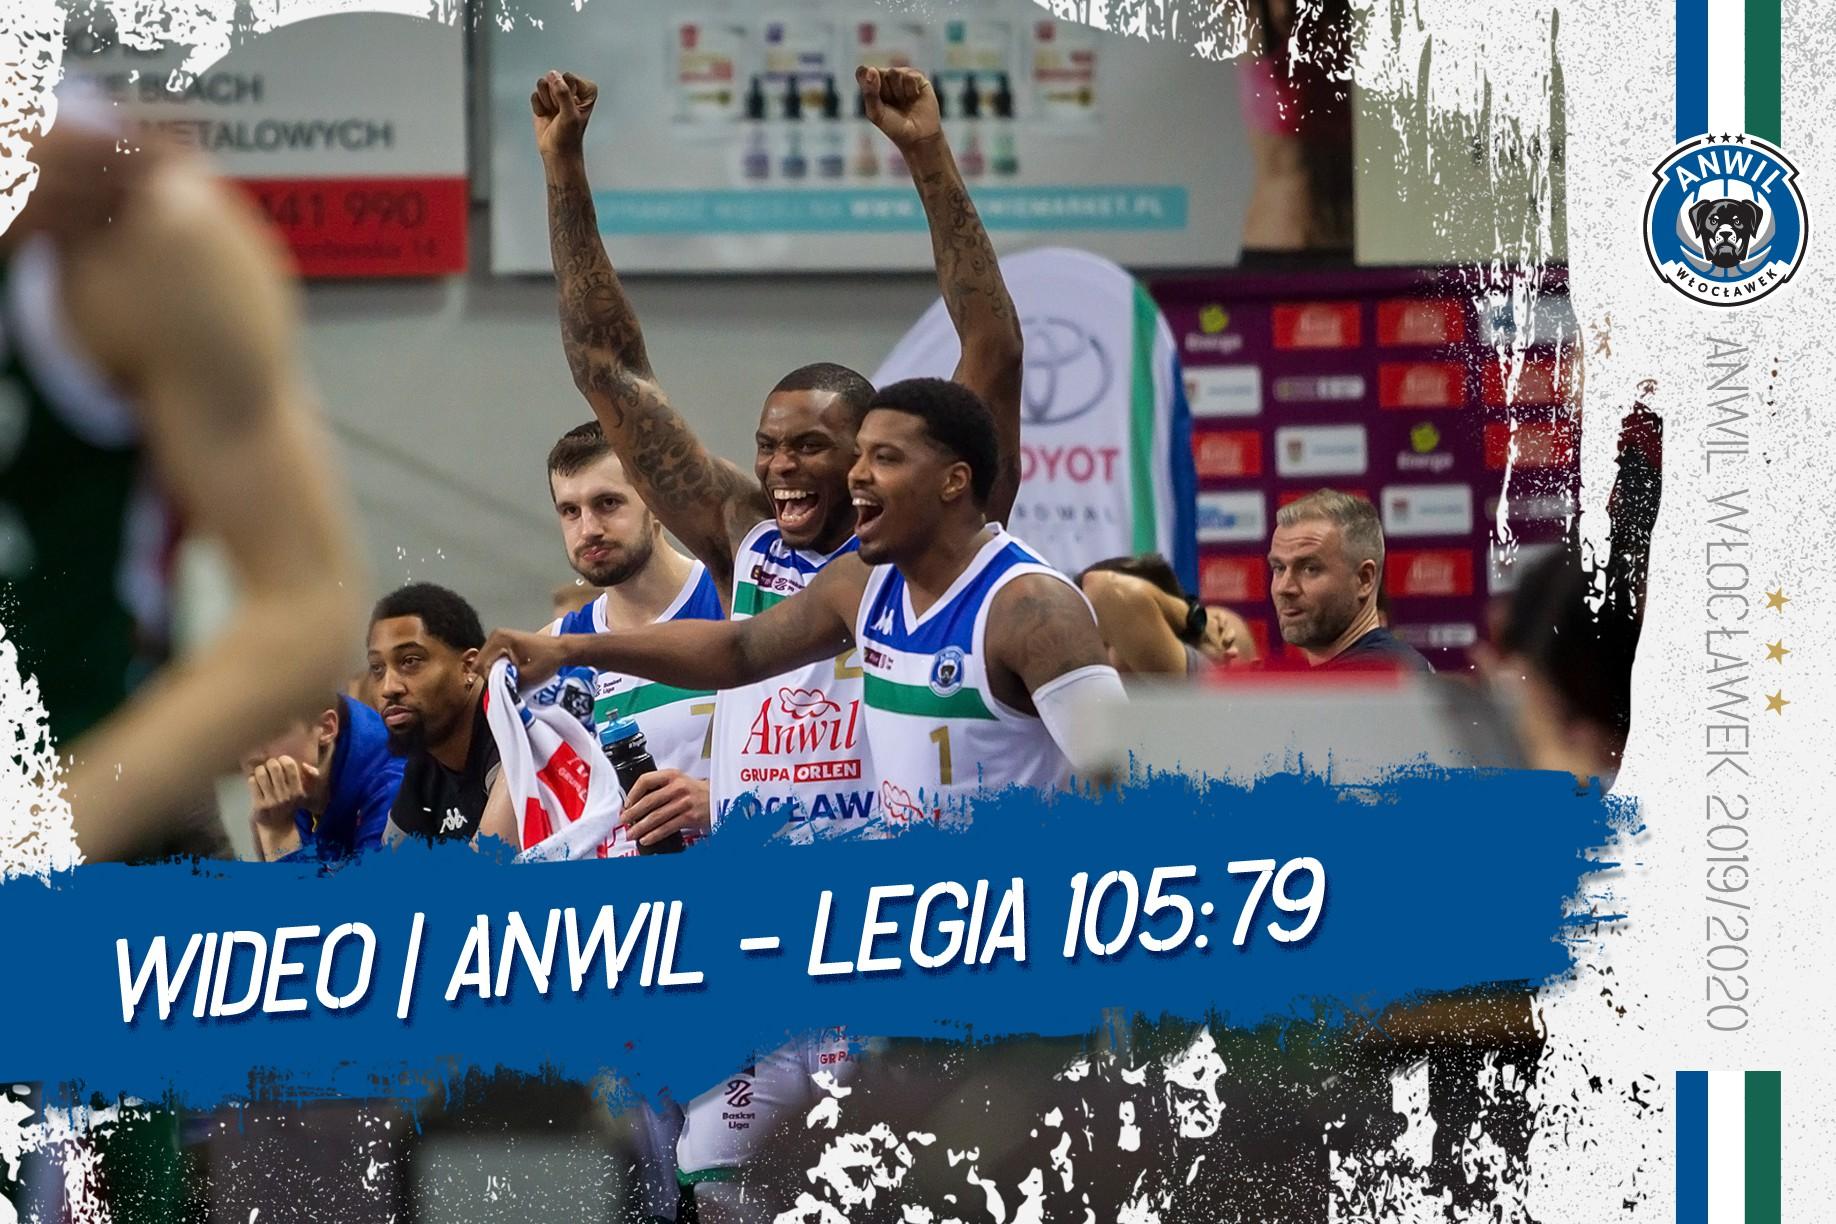 Wideo | Anwil Włocławek - Legia Warszawa 105:79